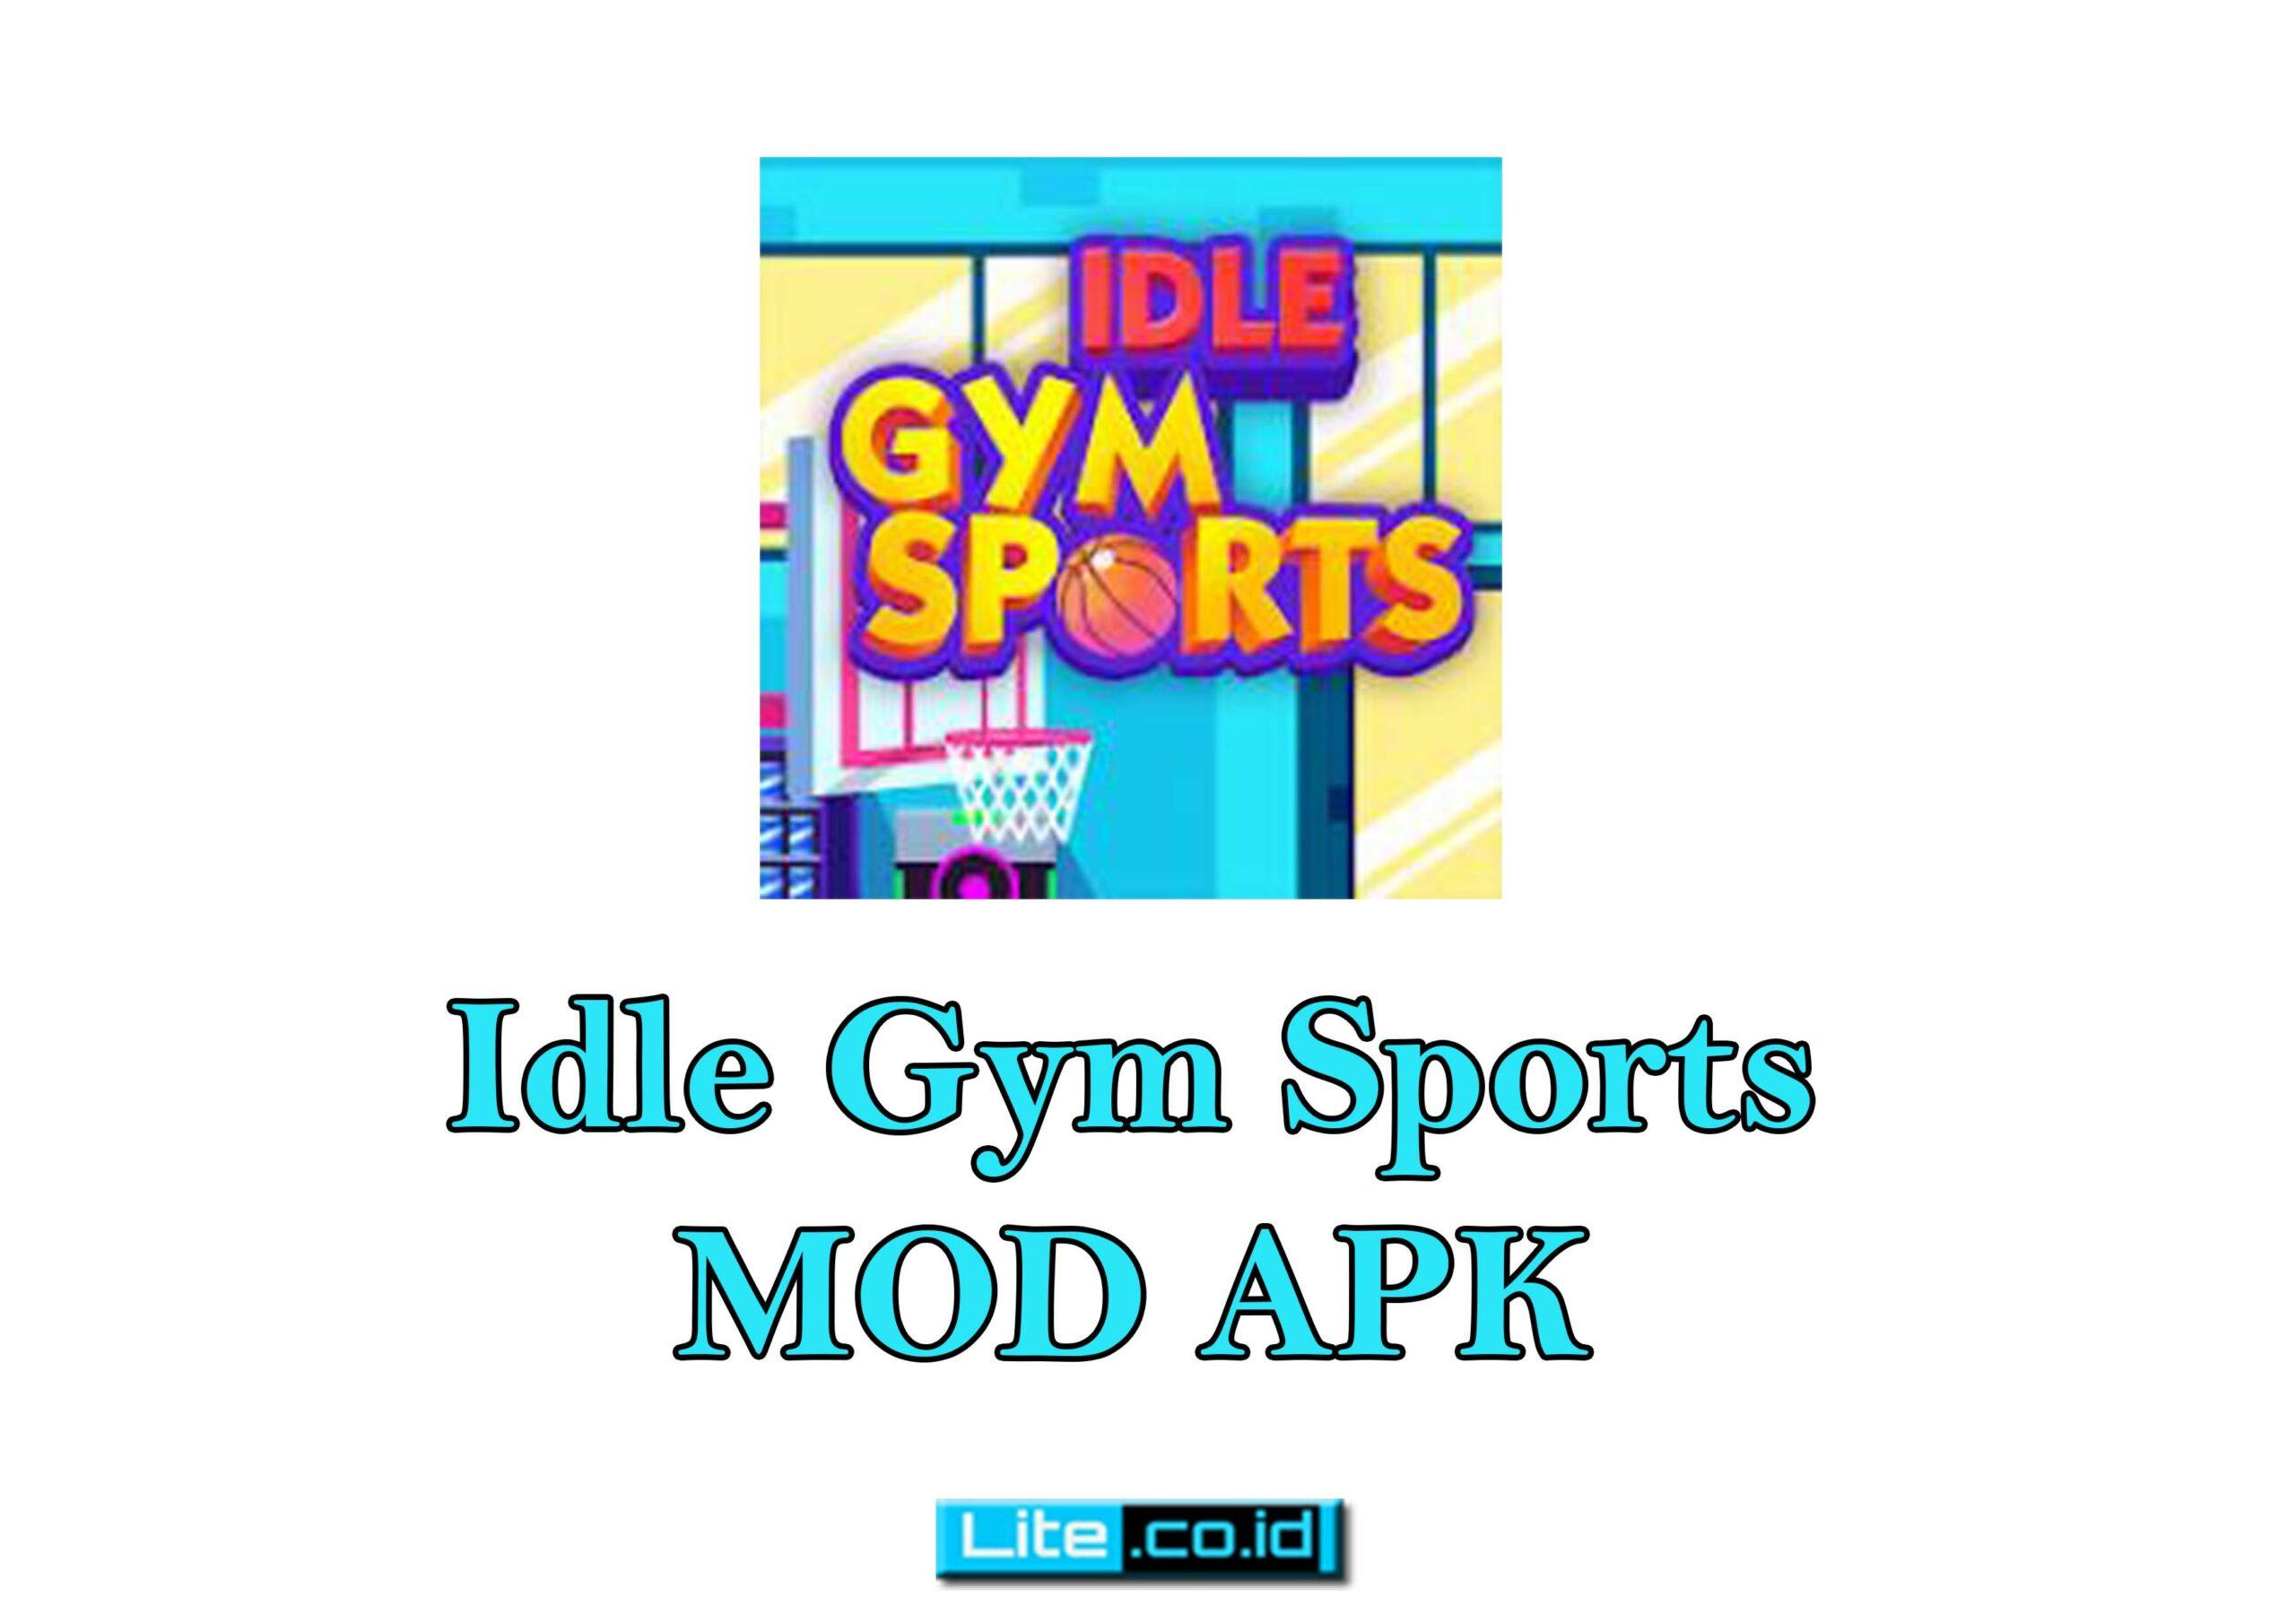 Idle Gym Sports